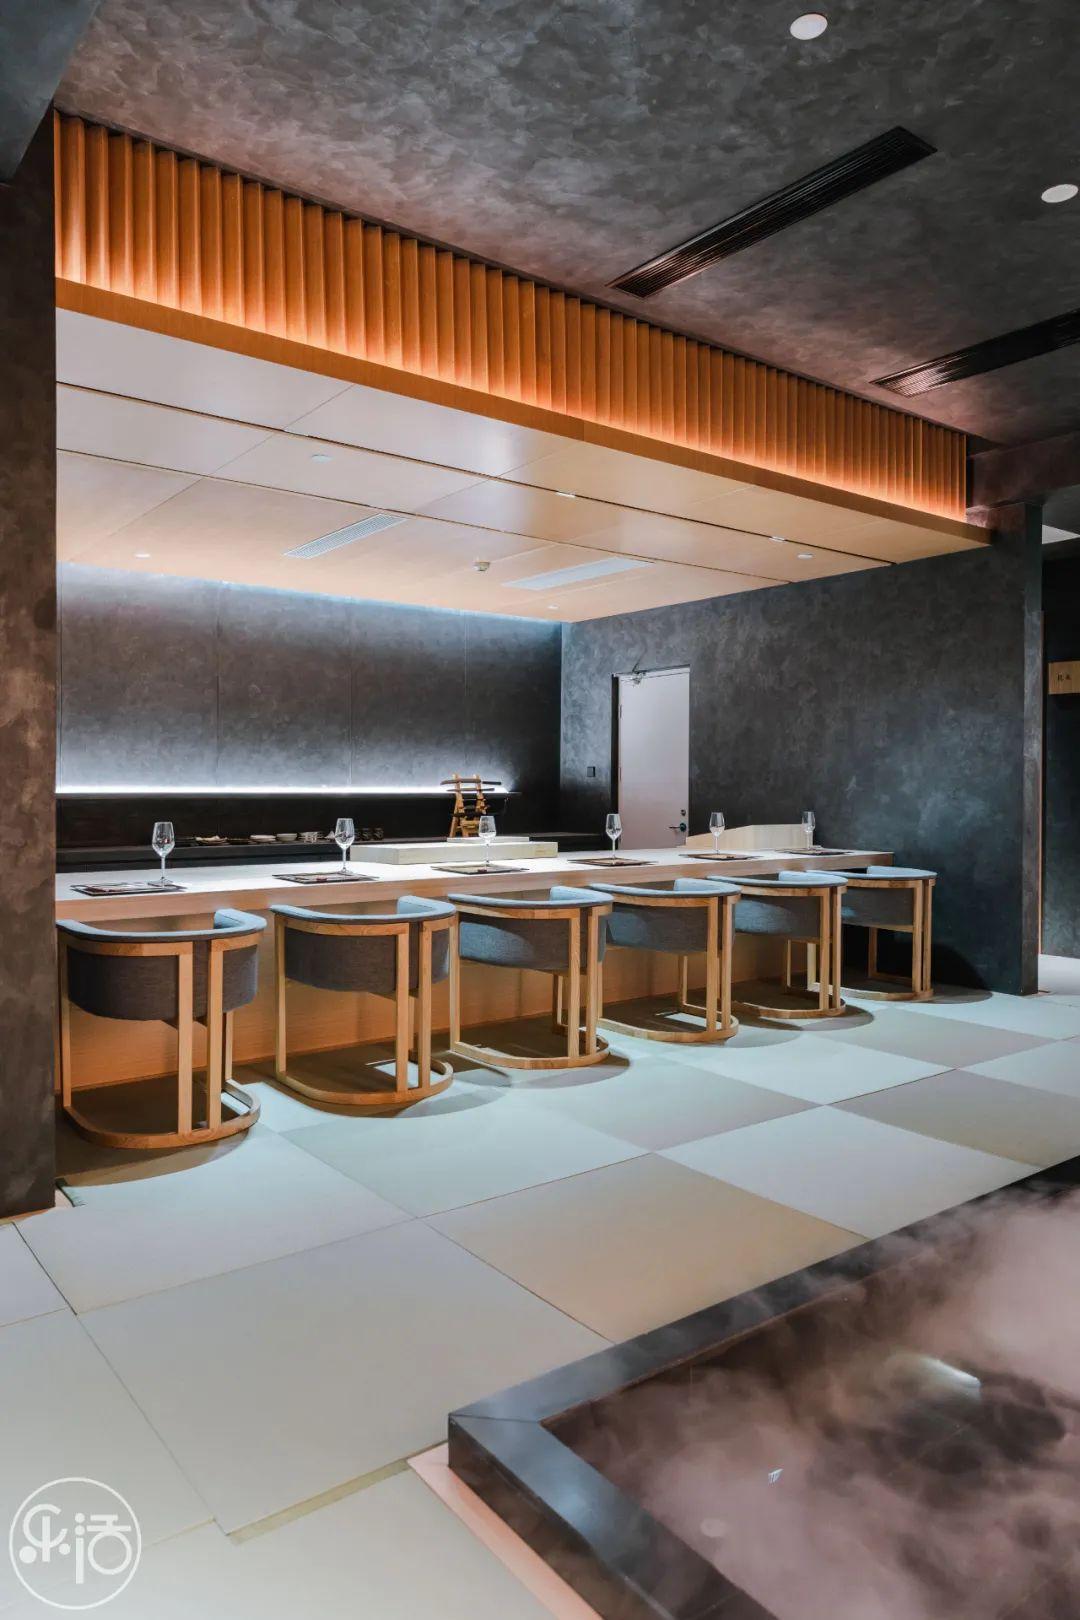 全杭州Zui大的会席料理店来袭!人均600元就能体验到的Top级日料,来自日本饮食文化的上等名流之选!(图15)